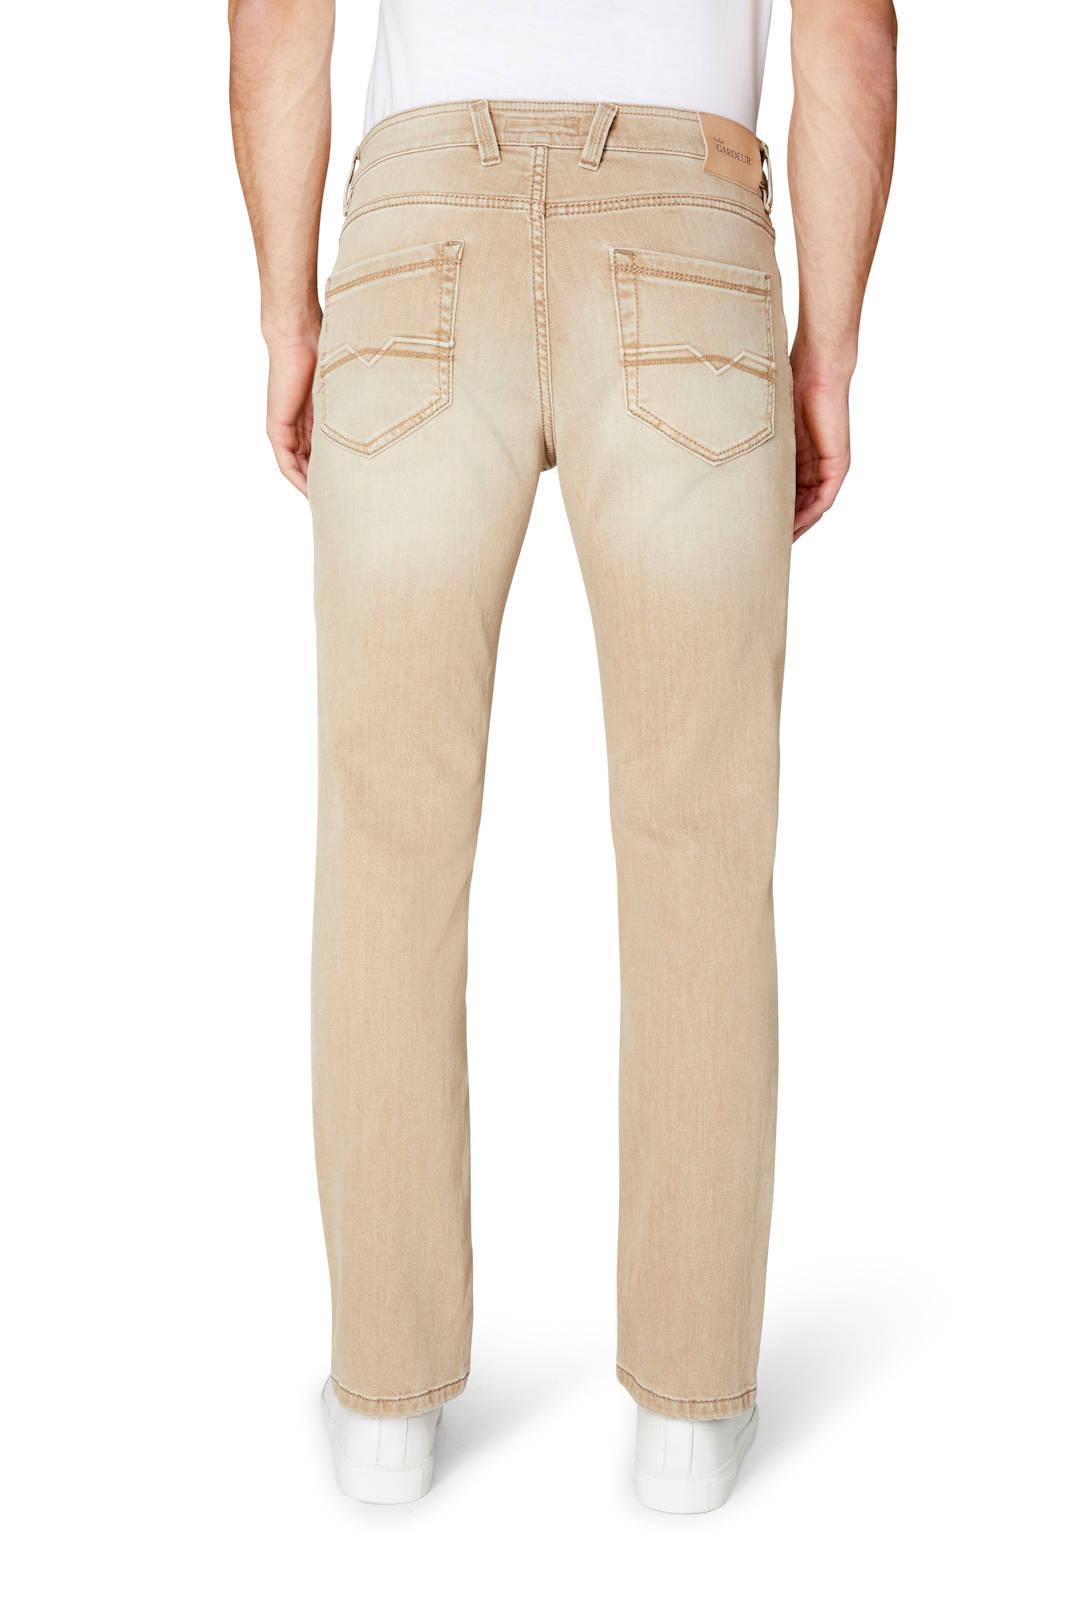 Atelier-GARDEUR-Jeans-BATU-2-Modern-Fit-Herren-Hose-Slim-Leg-Denim-NEU Indexbild 4